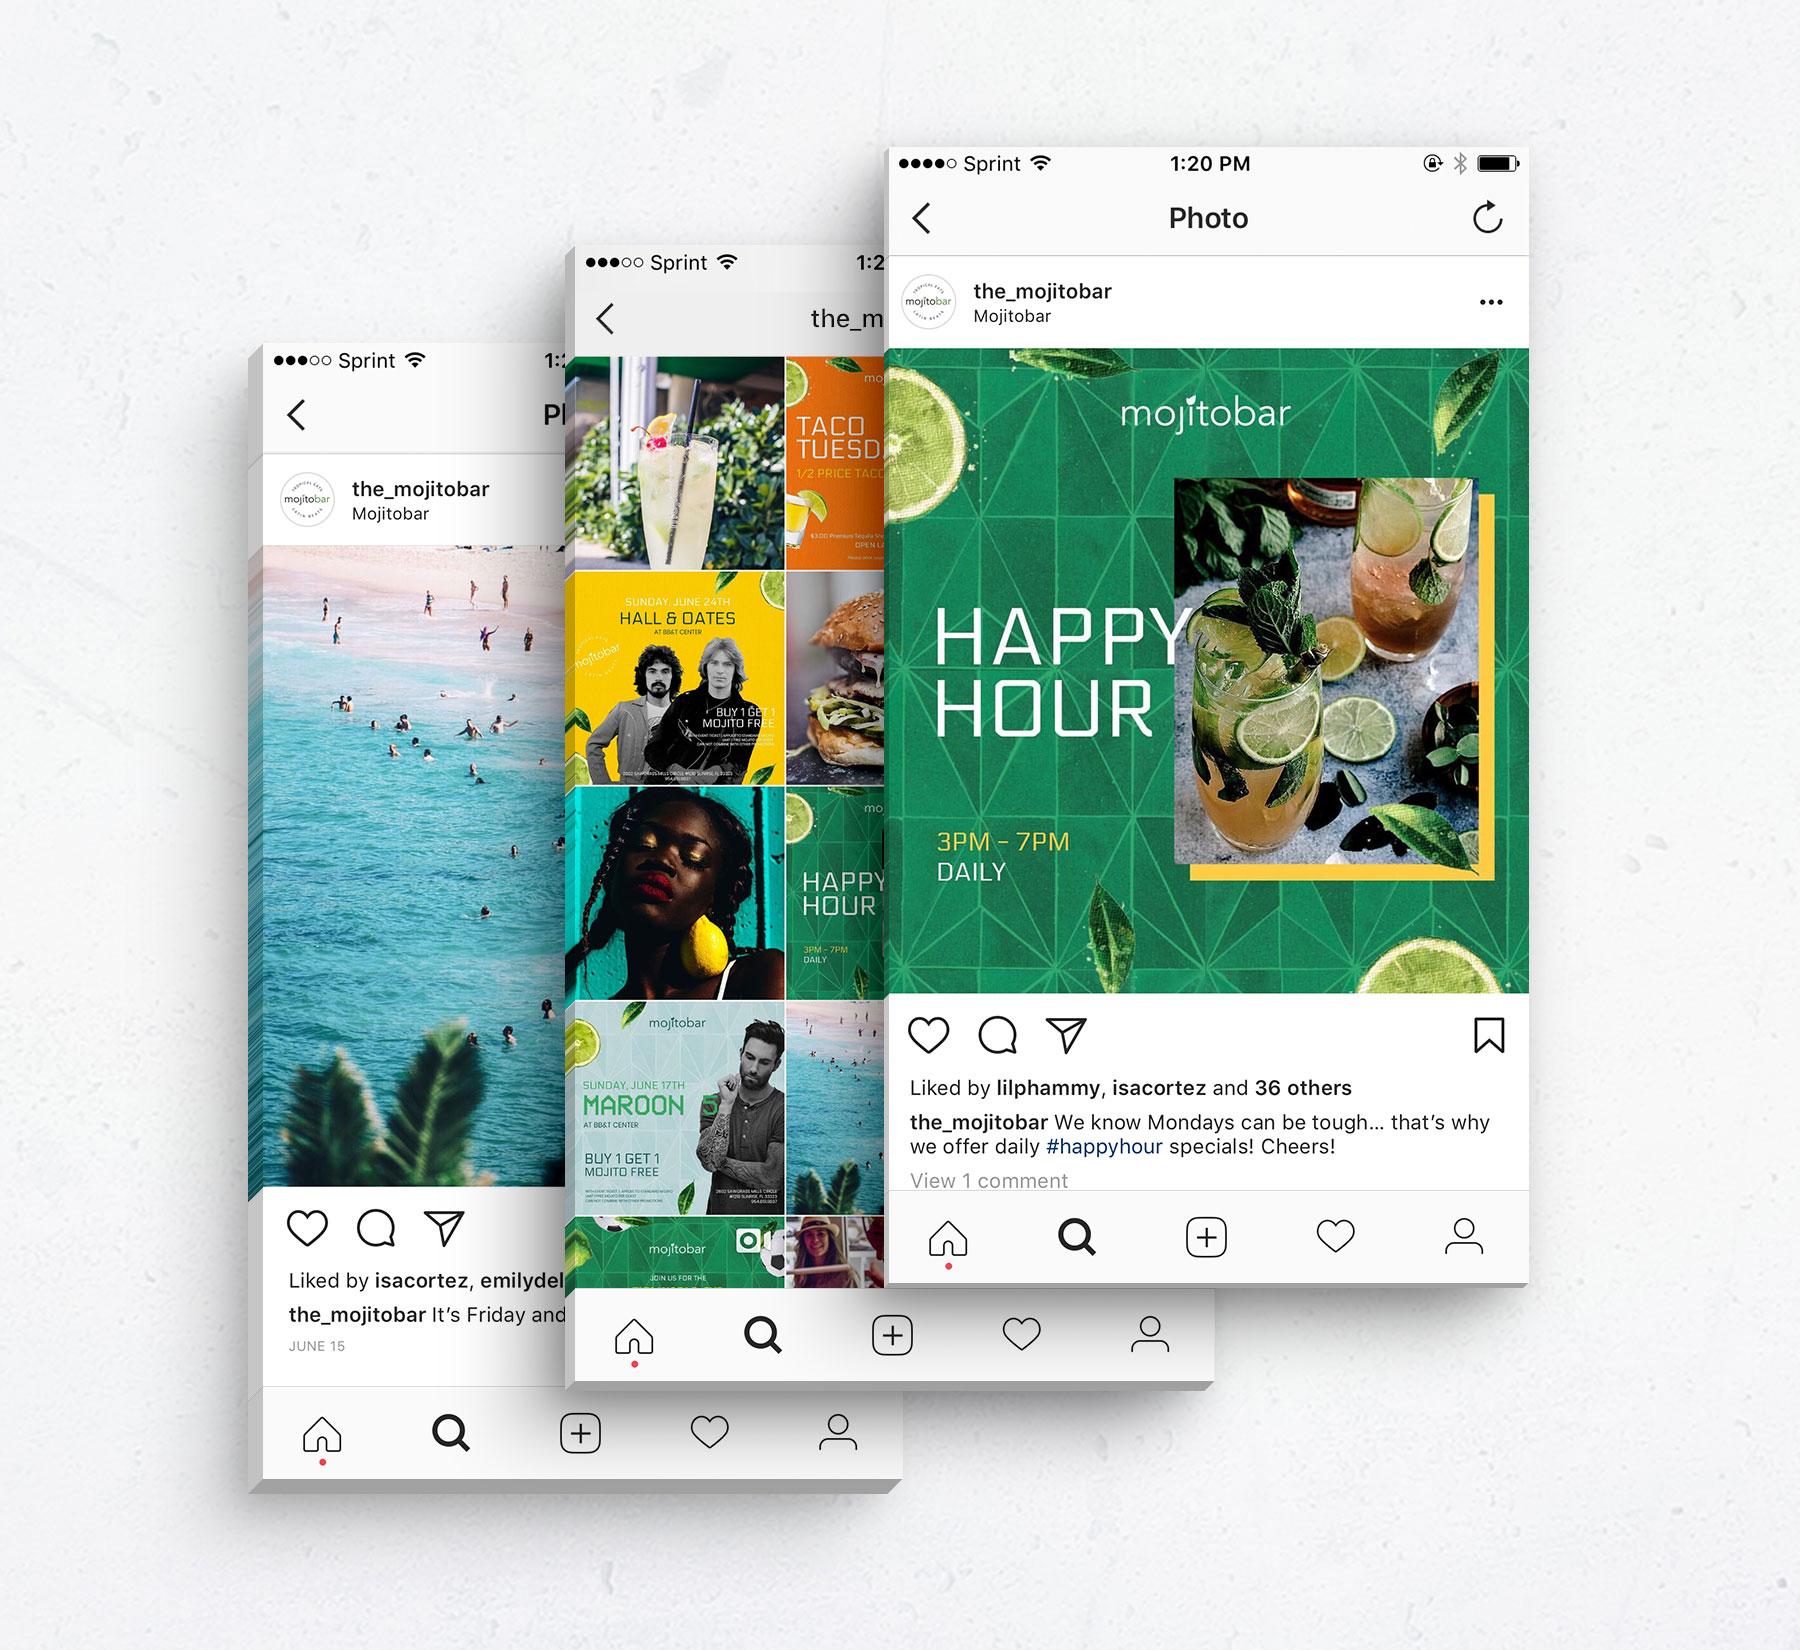 mojitobar-social-media